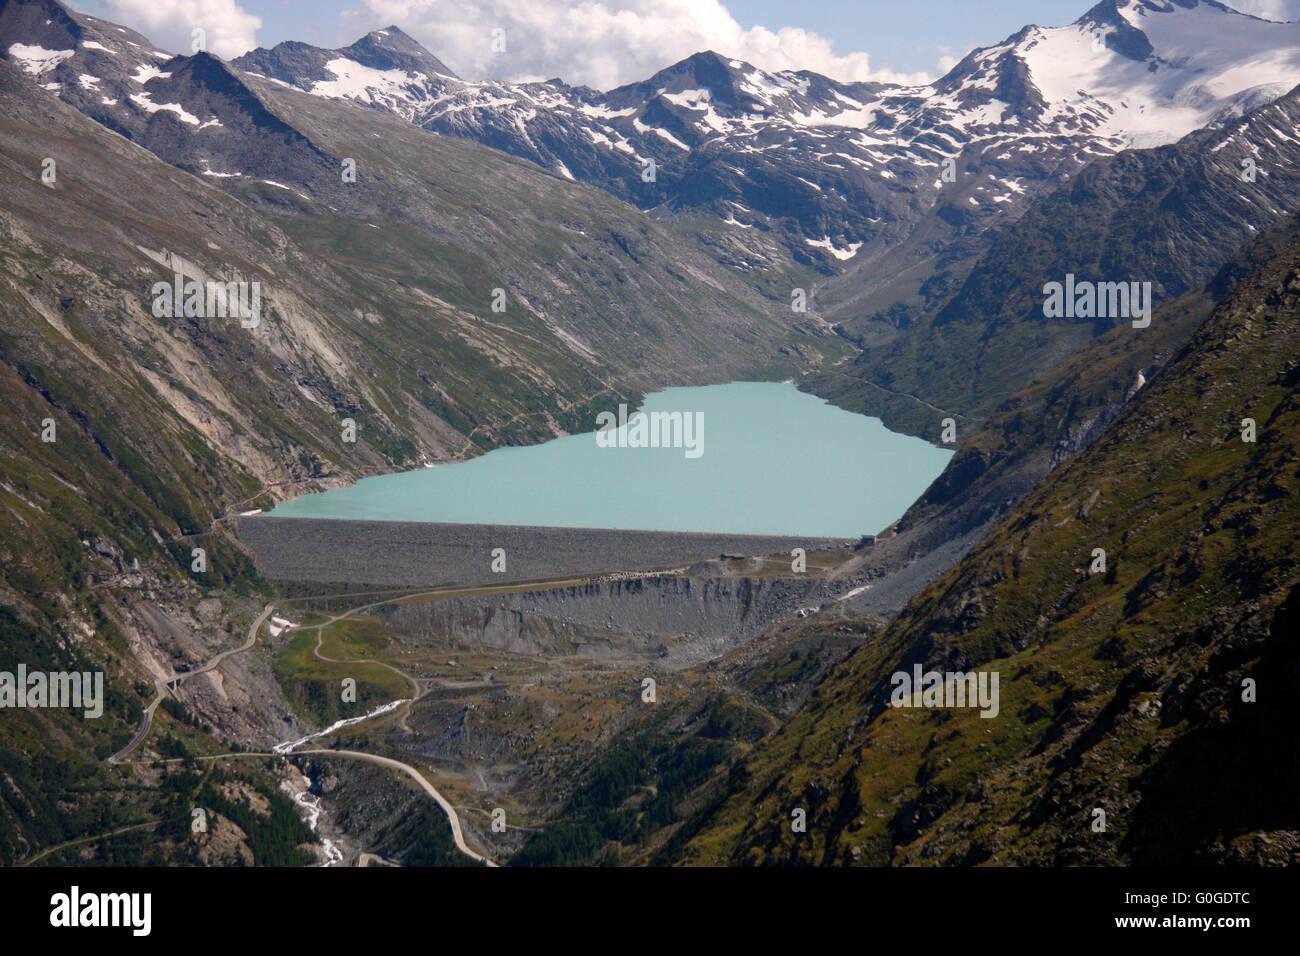 Stausee Mattmark, schweizer Alpen. - Stock Image